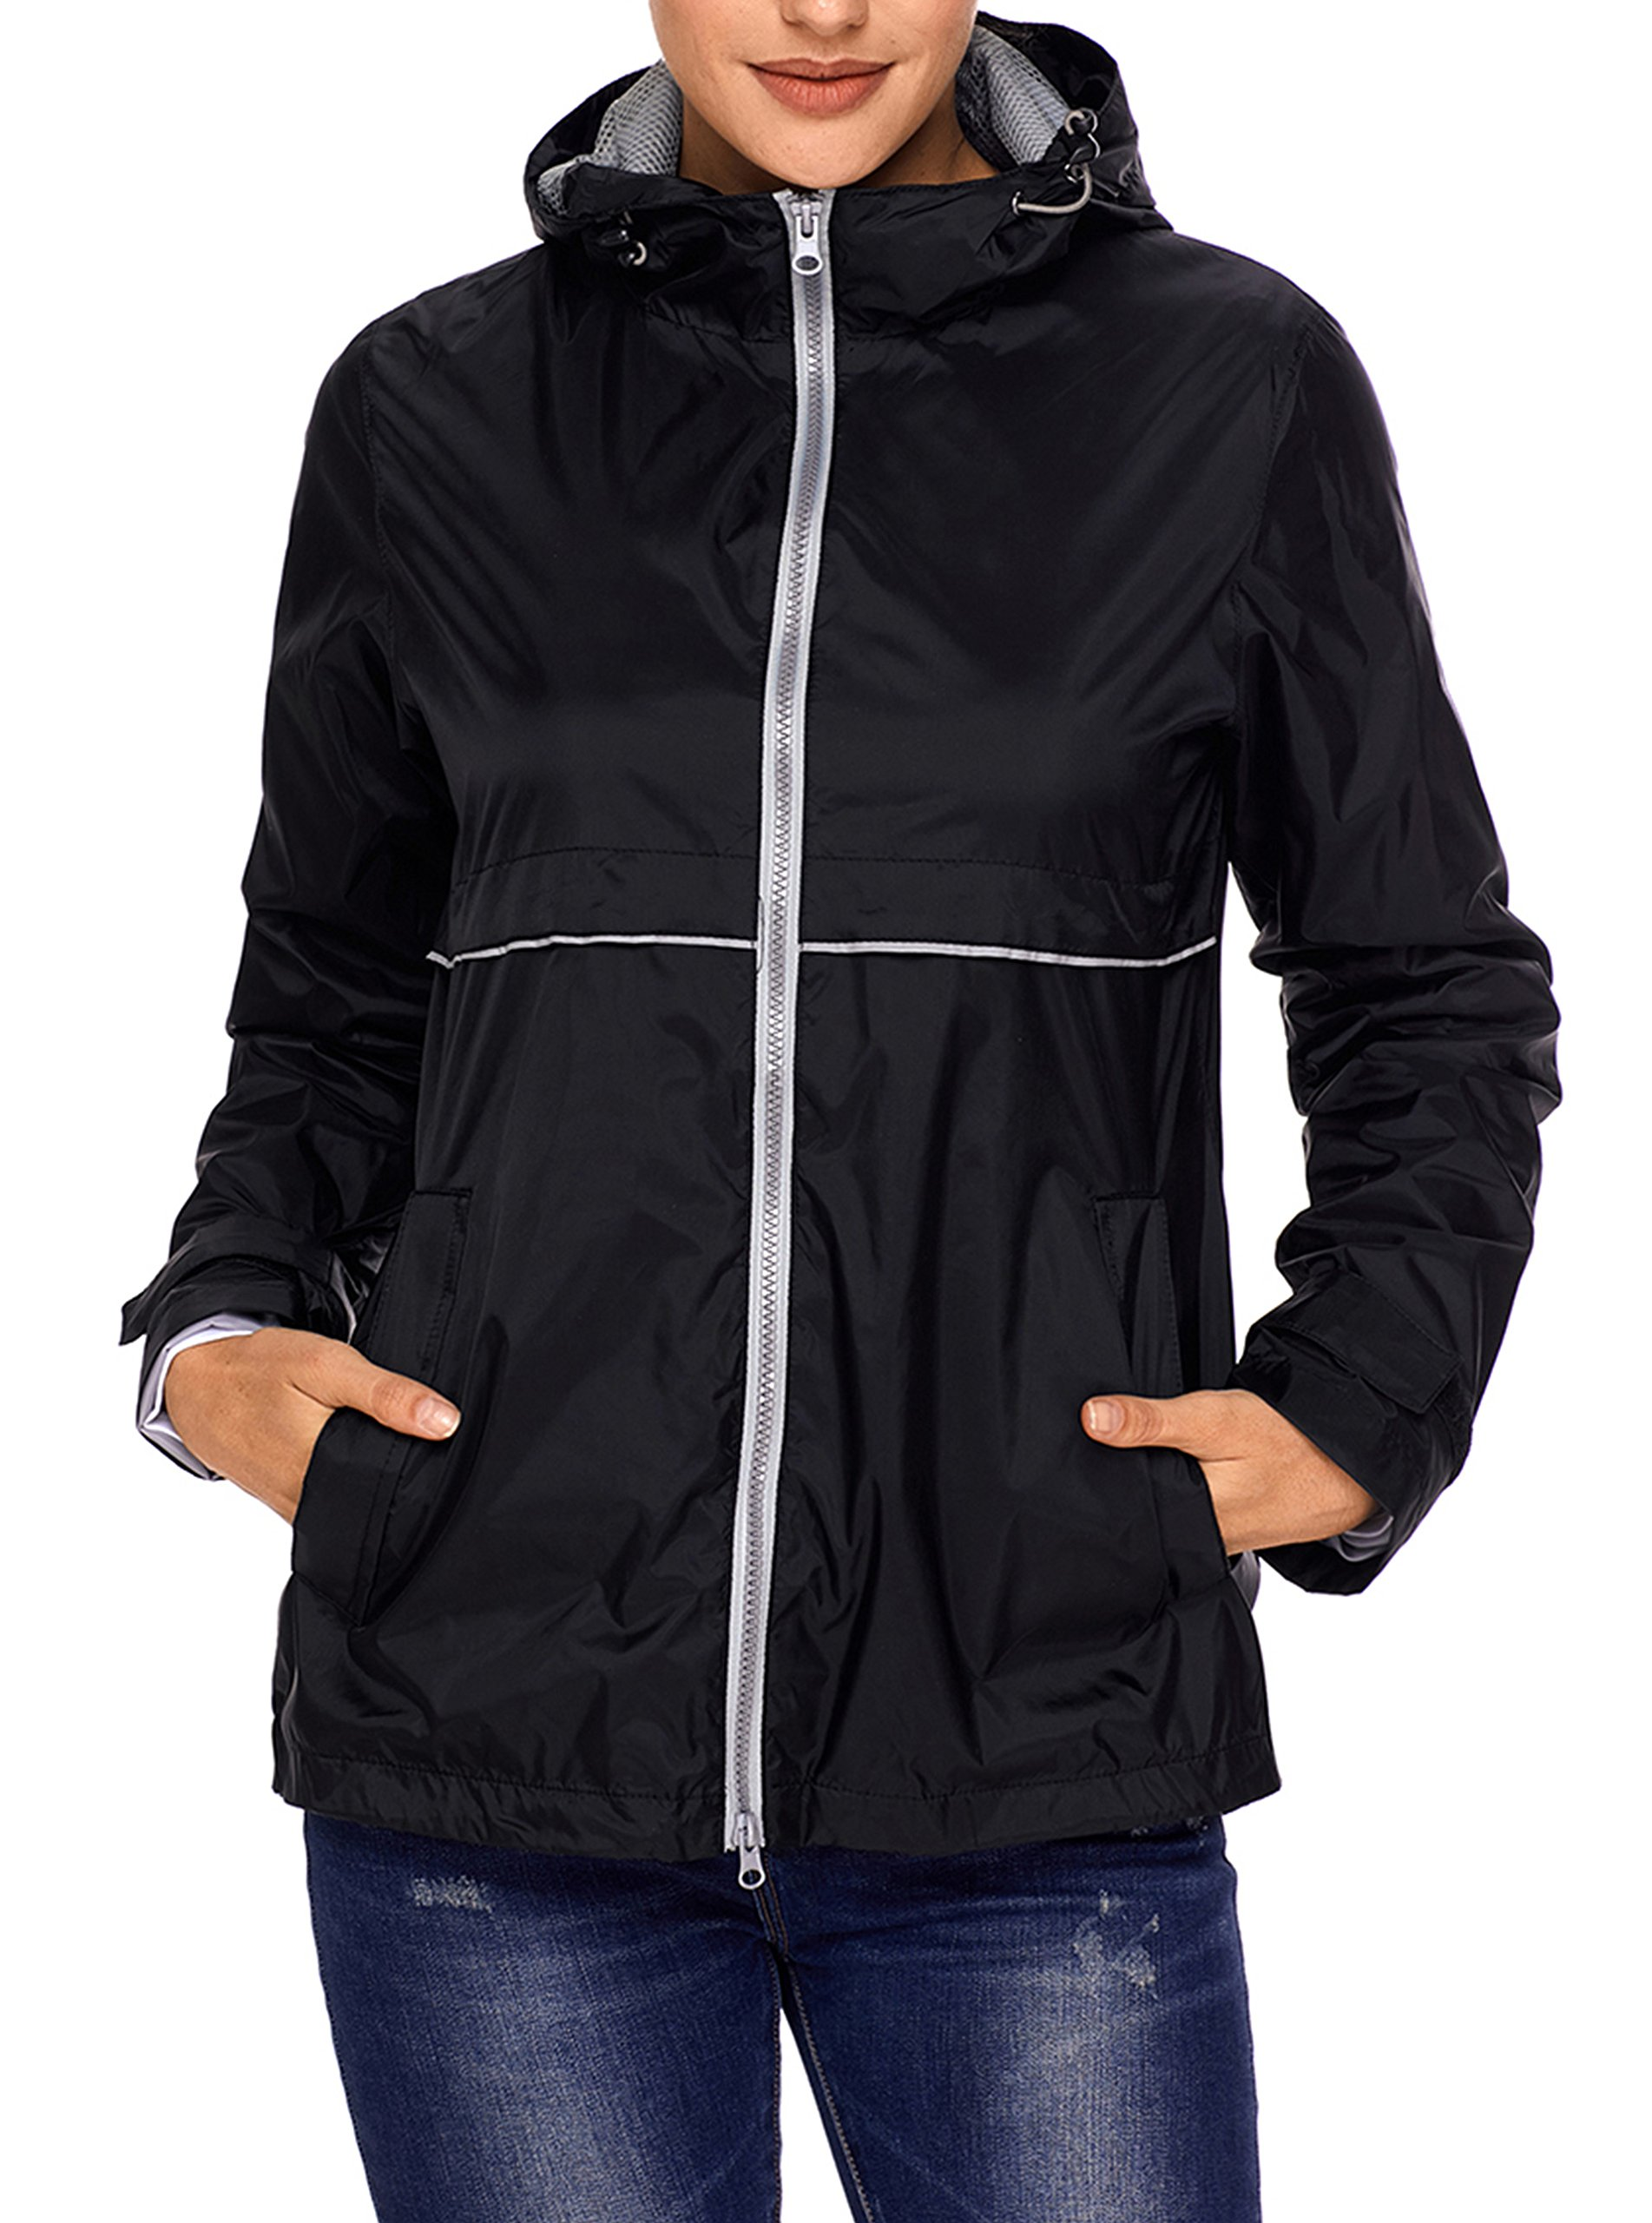 SWISSWELL Rain Jacket Women Waterproof Lightweight Hooded Raincoat Lined Rainwear Black 2X-Large